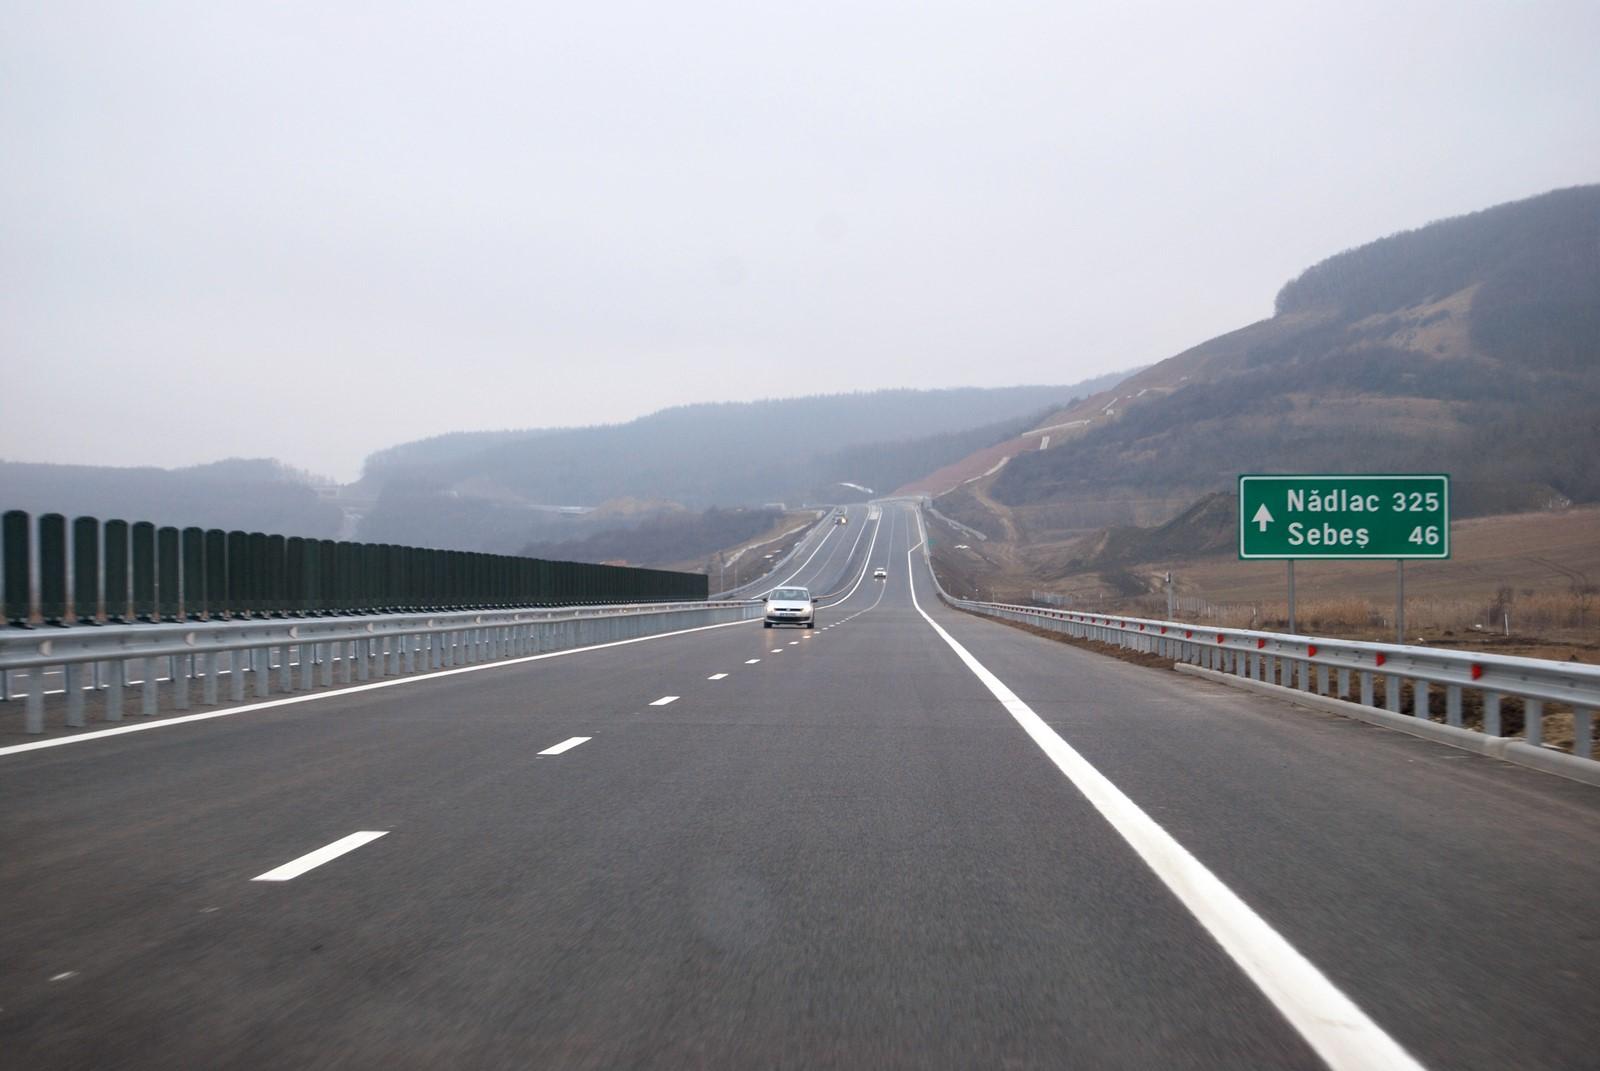 VIDEO Anul acesta, Sibiul se leagă de Cluj-Napoca. Prin autostradă